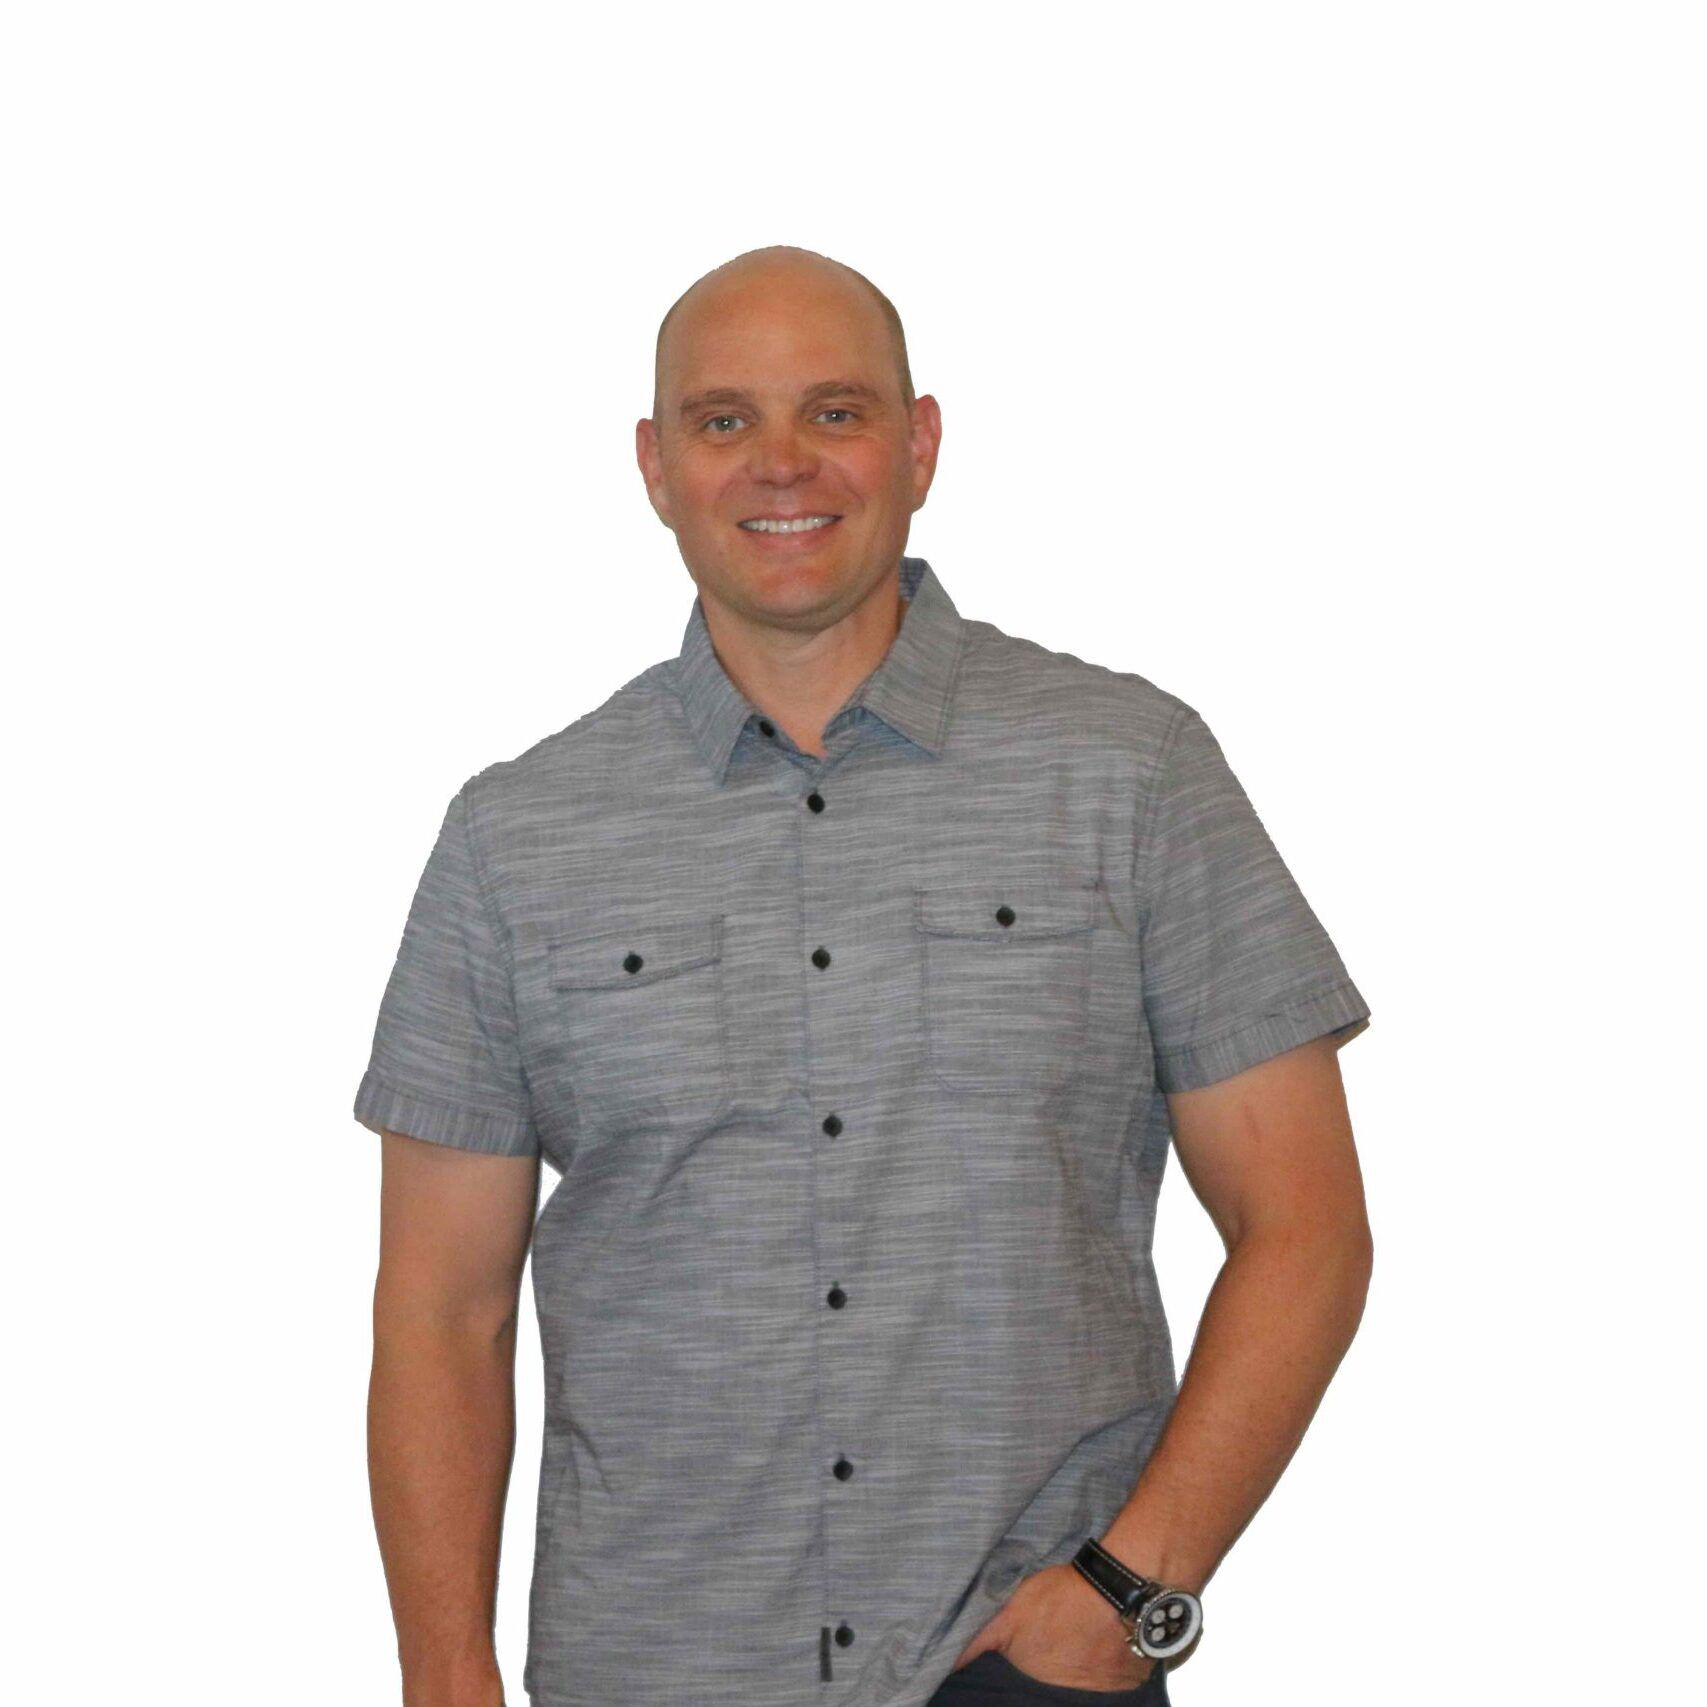 Chris PPL Prof Photo